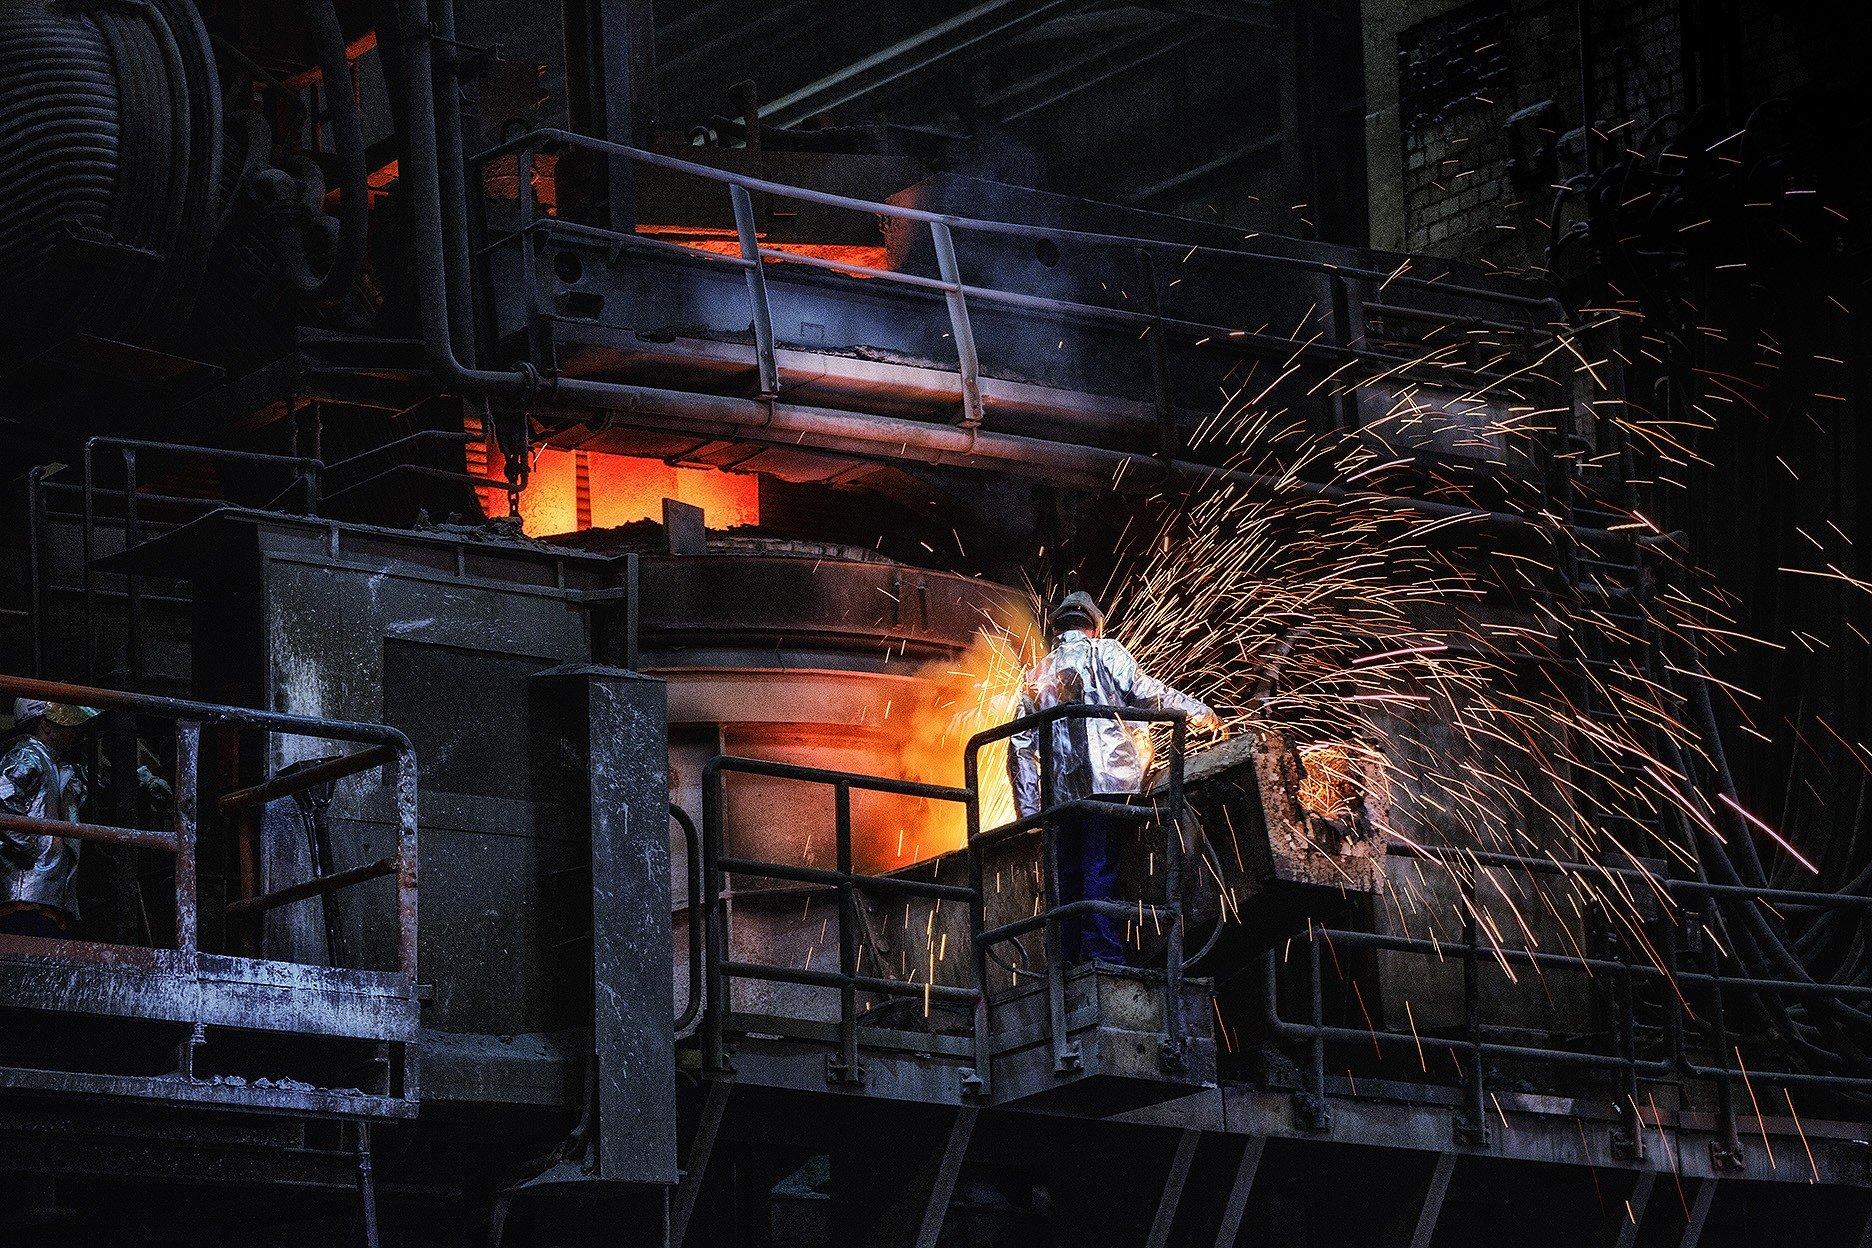 VDM  Metals  Holding  GmbH  (VDM  Metals)